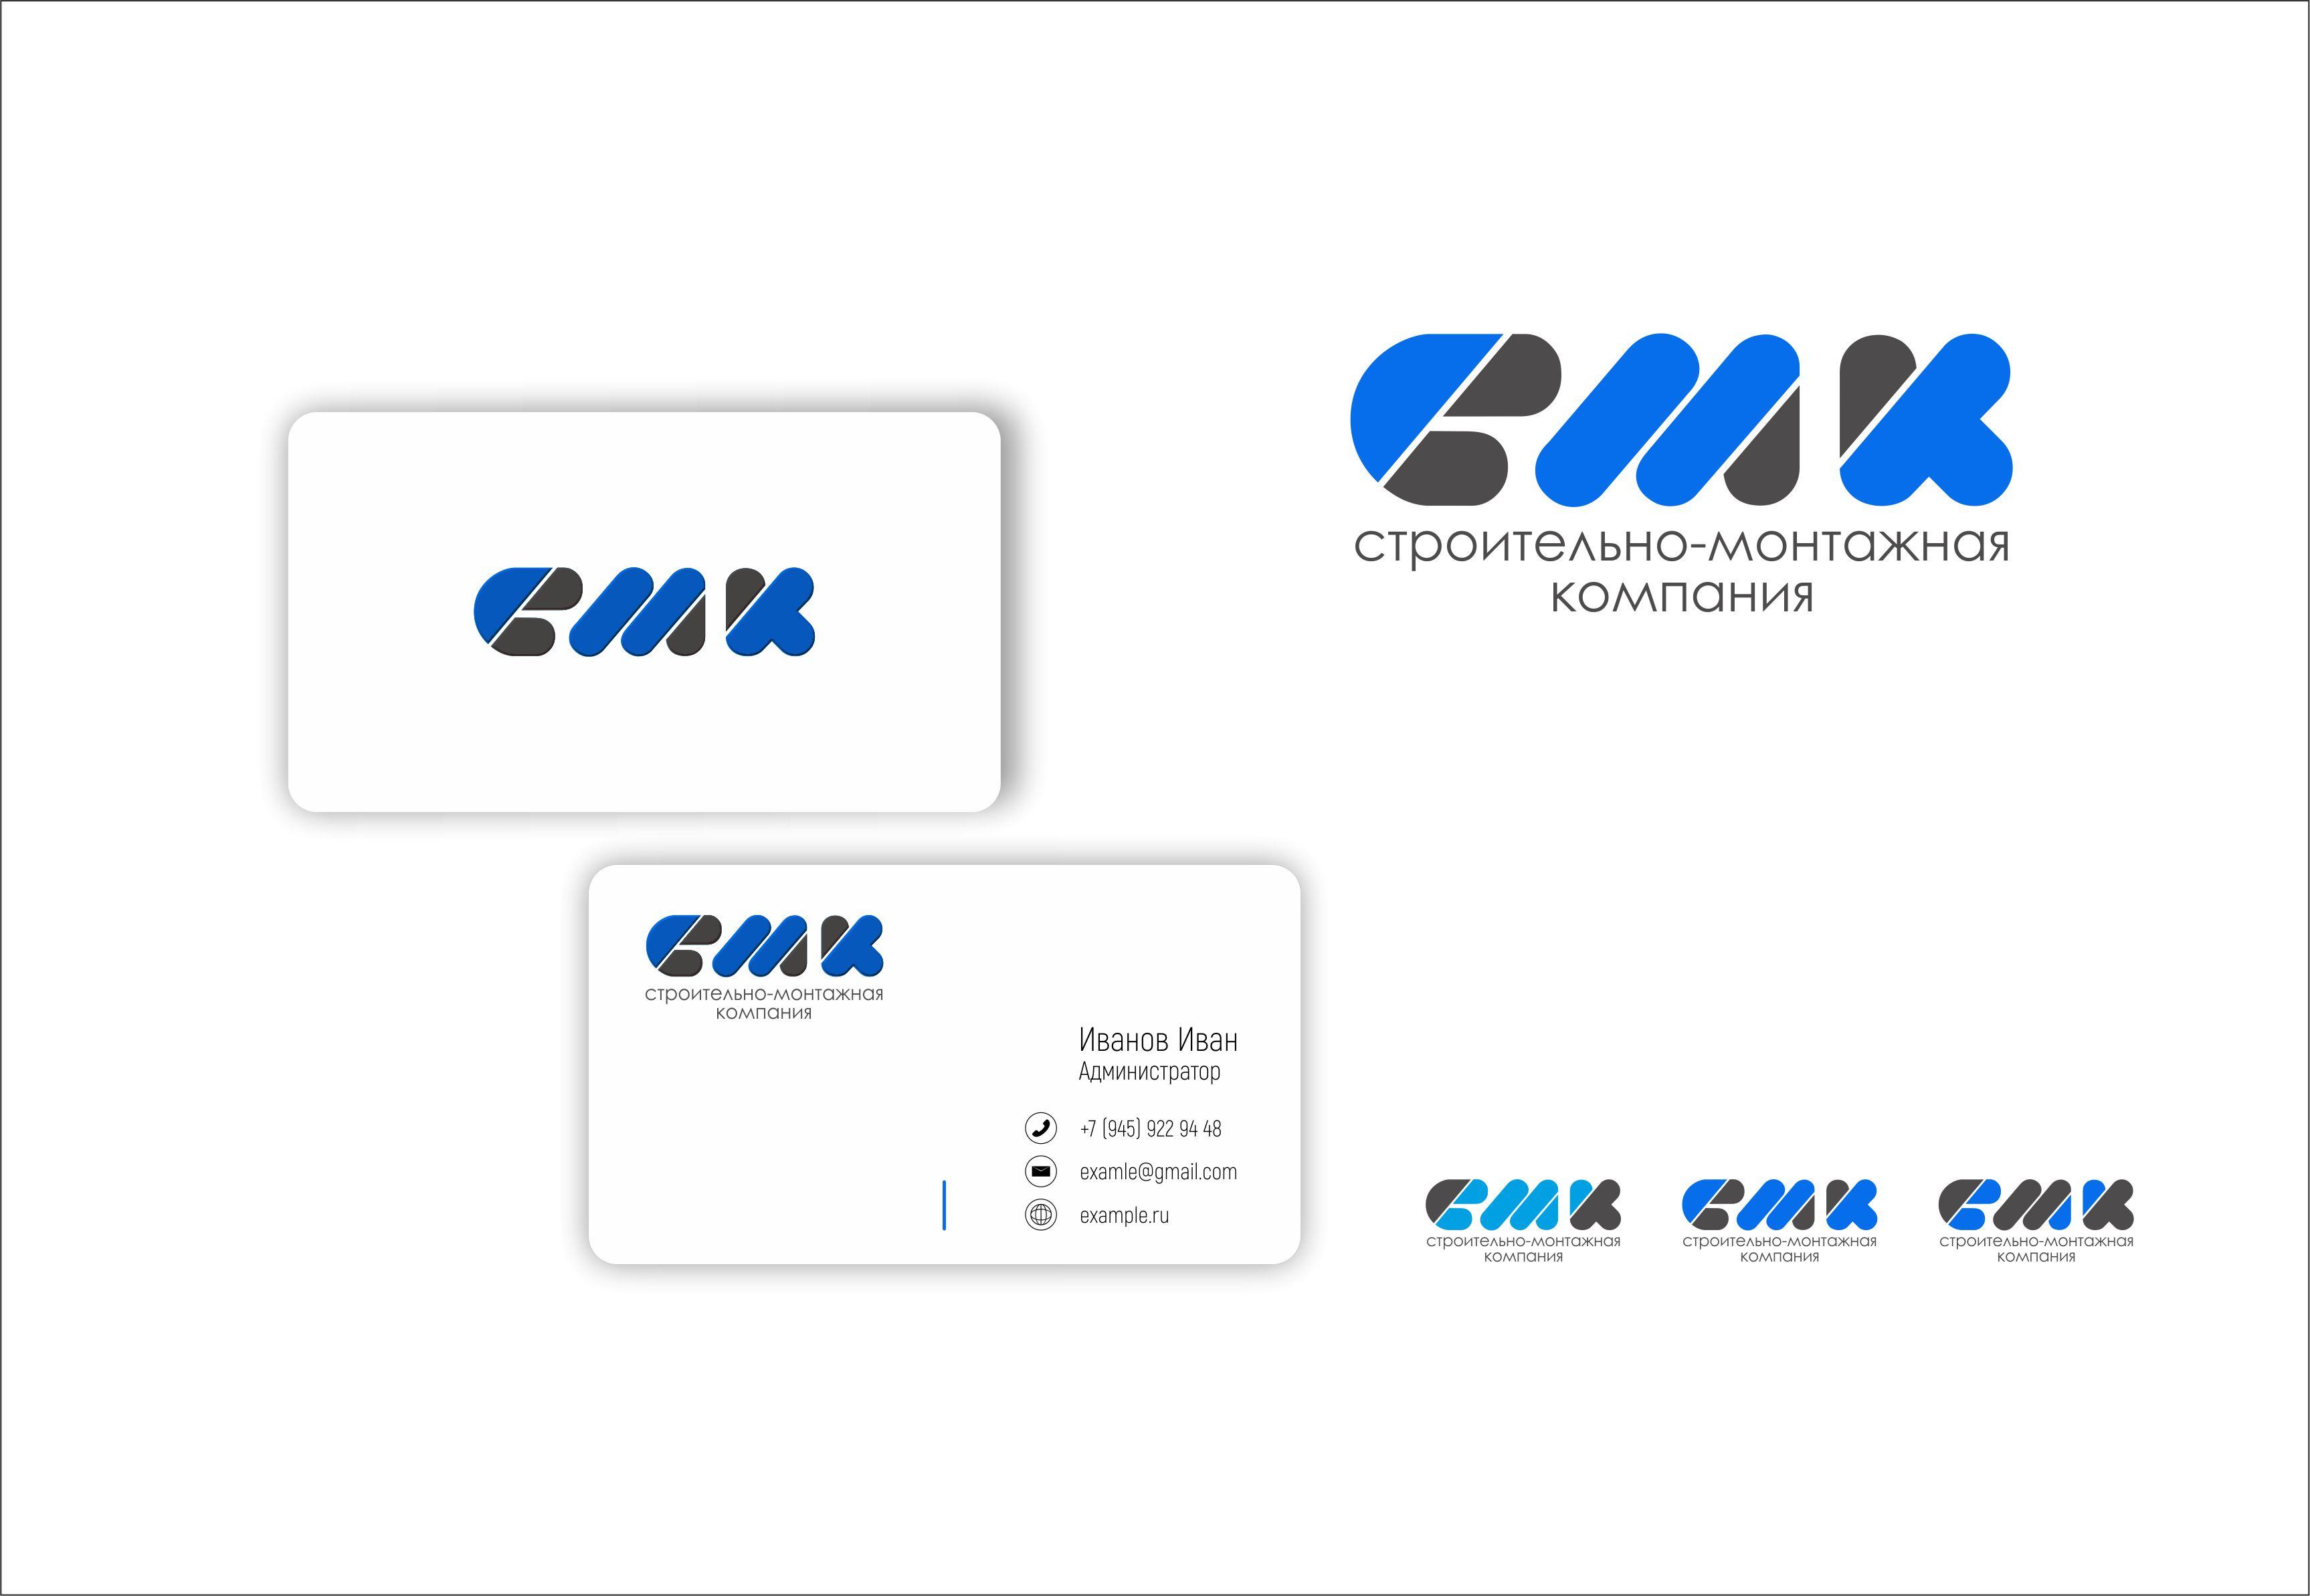 Разработка логотипа компании фото f_7605dd9125fbf3ea.jpg